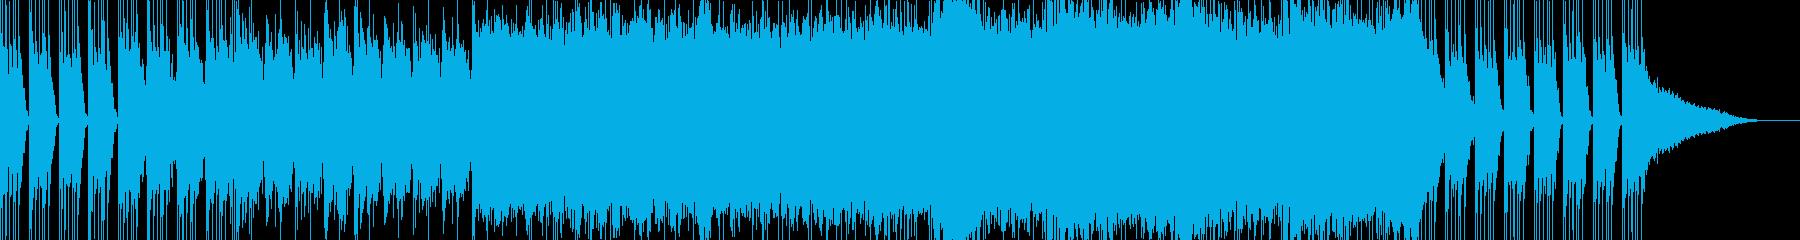 ヘヴィなBGMです。シリアスなシーンに。の再生済みの波形